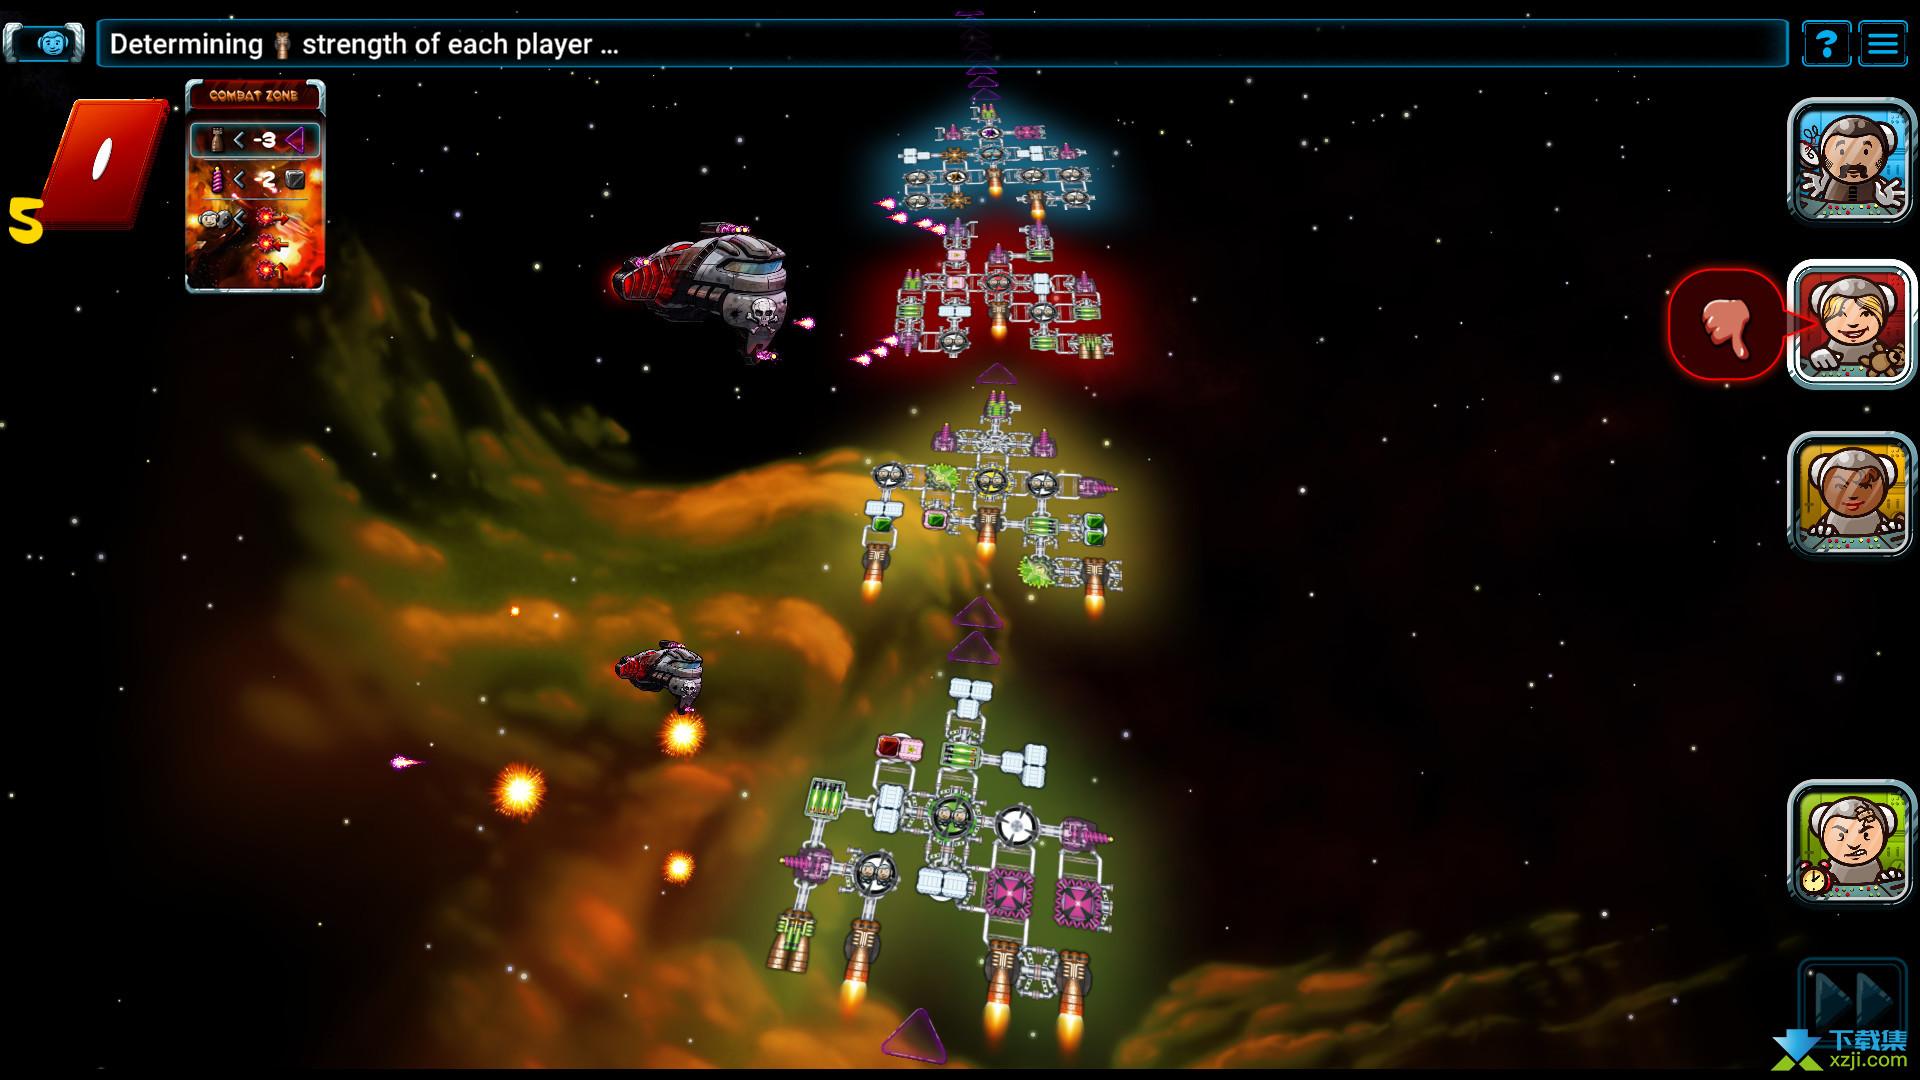 银河卡车司机扩展版界面1